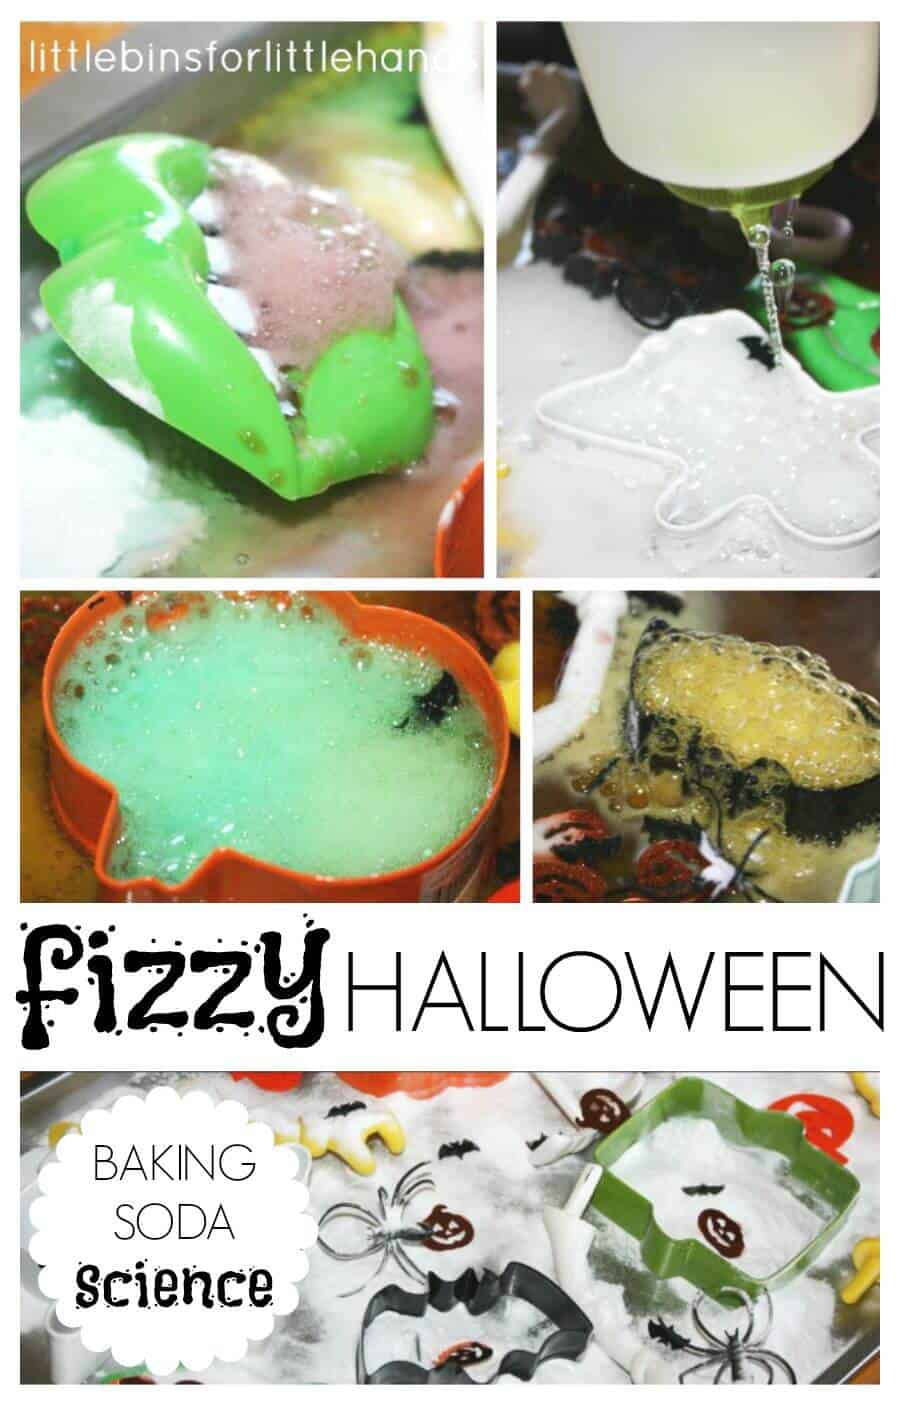 Fizzy halloween Science Baking Soda Vinegar Halloween Activity Experiment